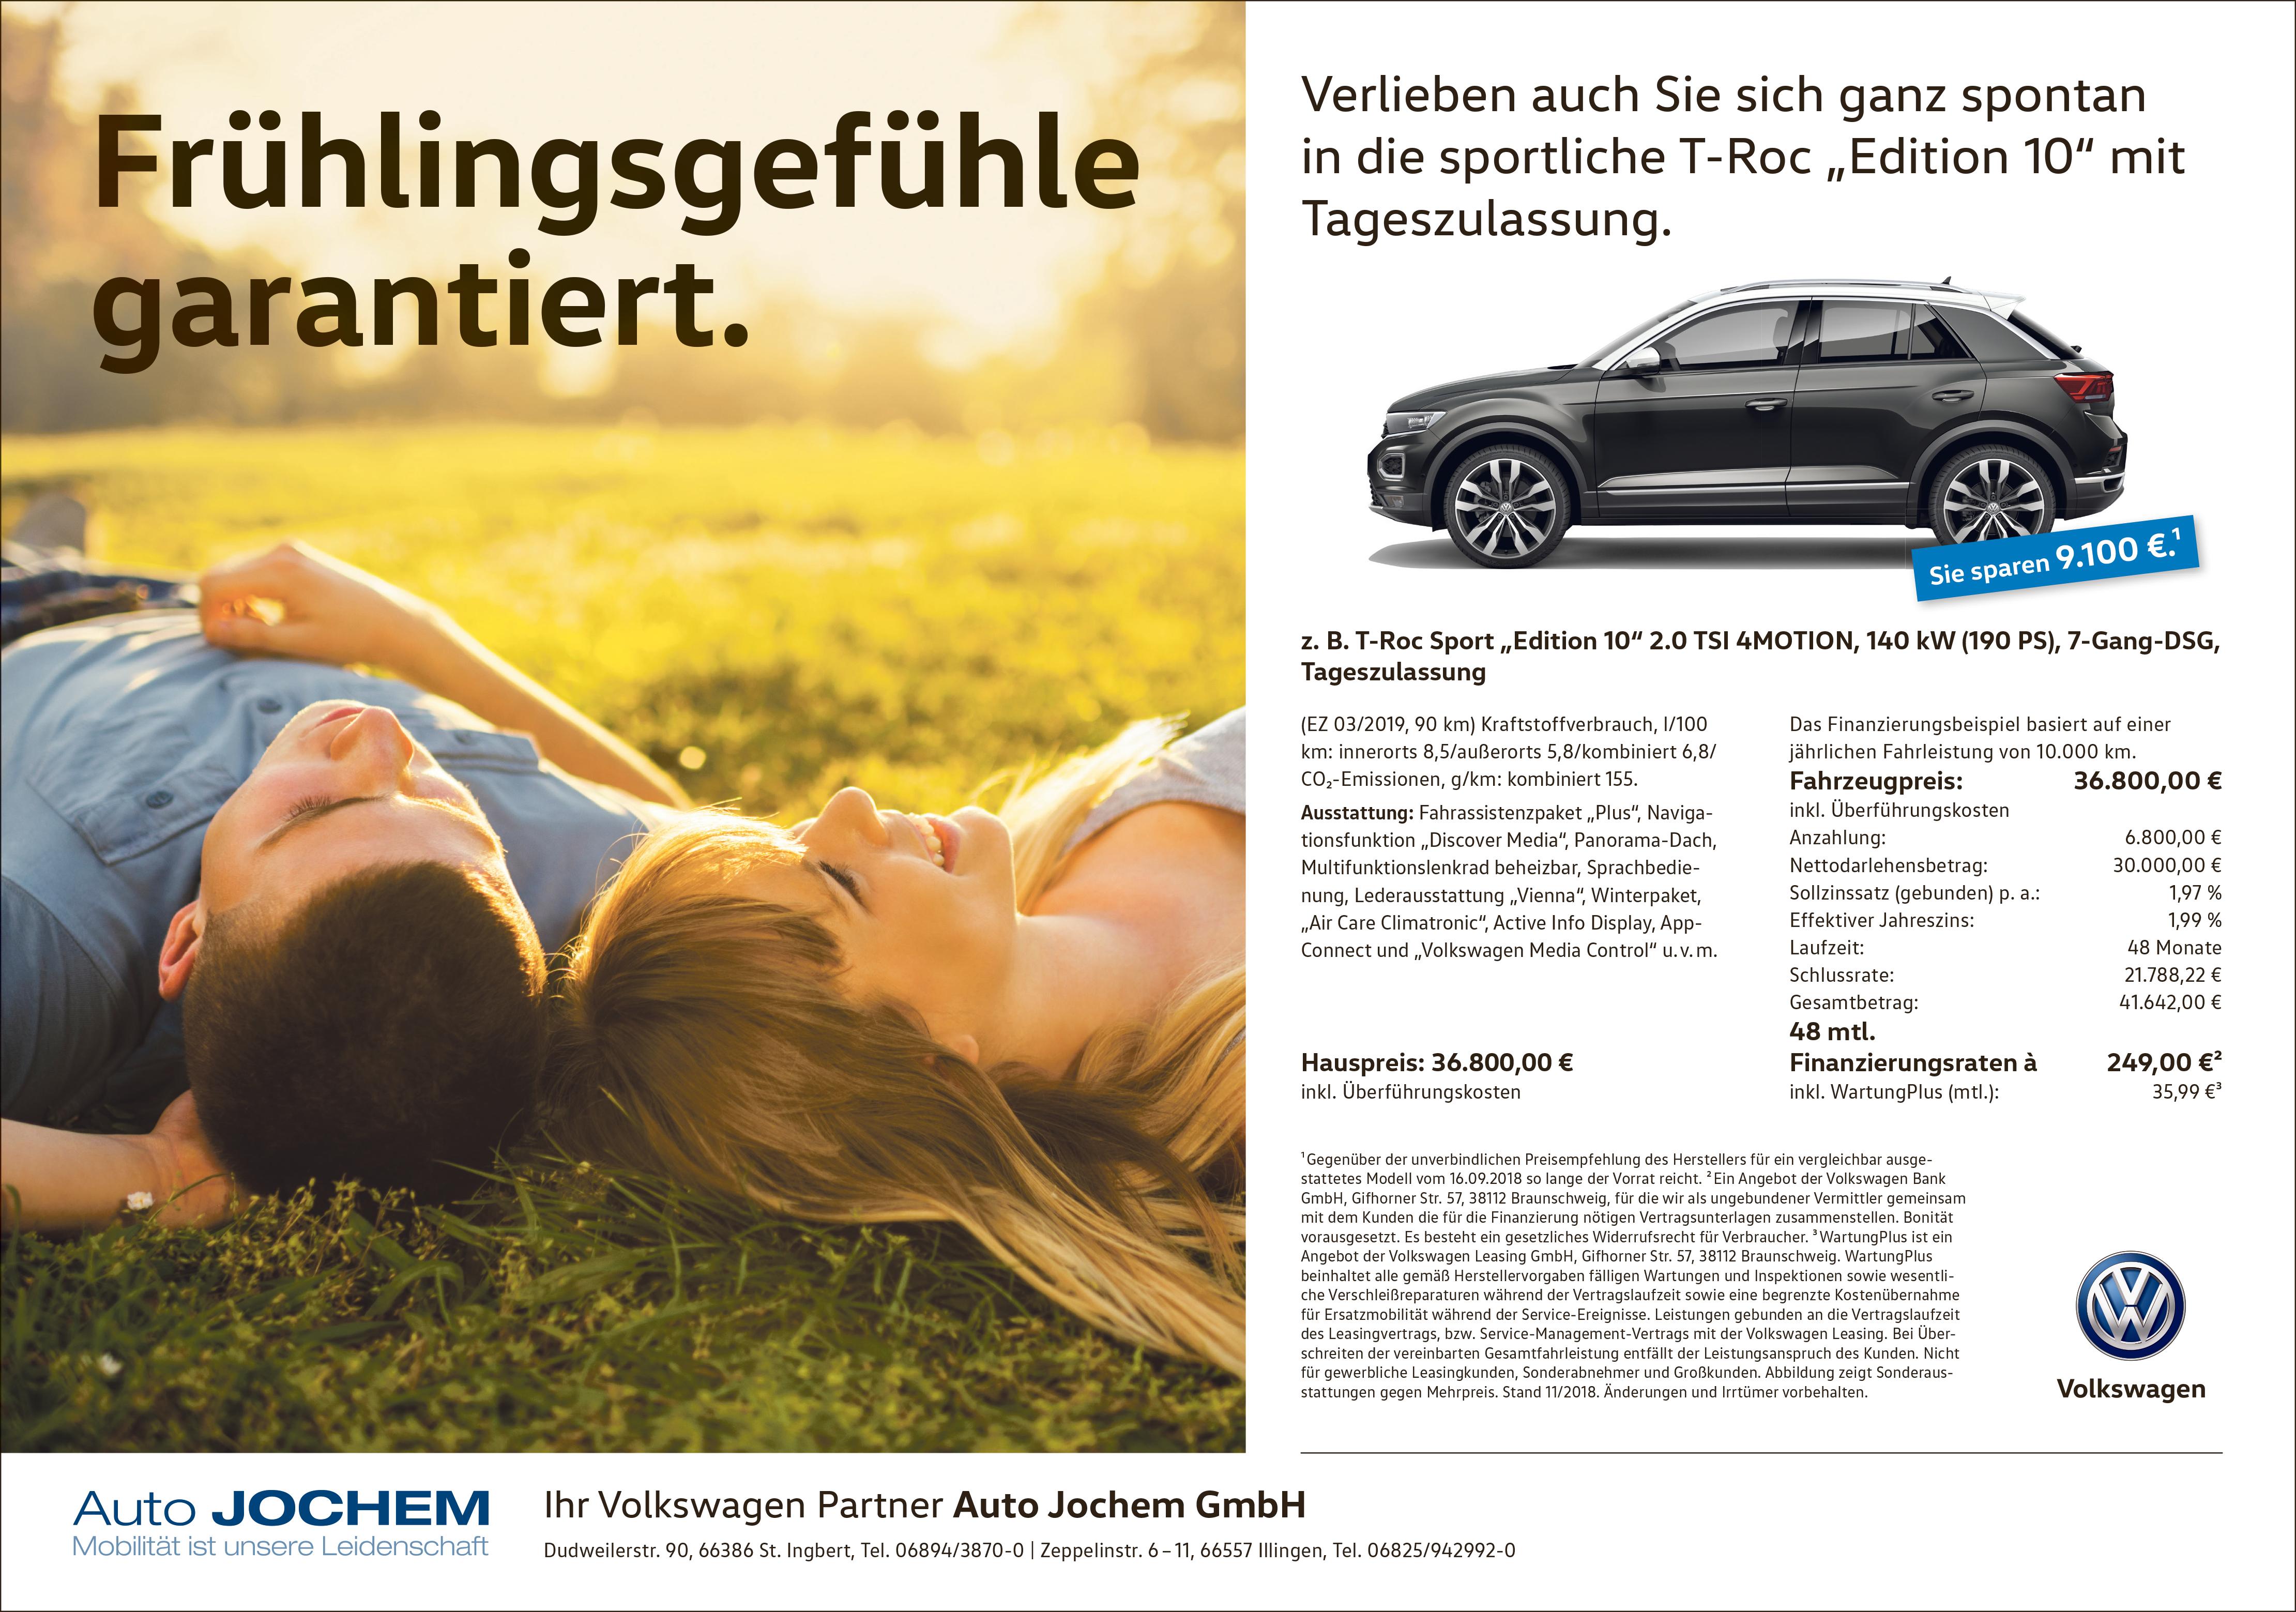 VW T-Roc Edition 10 Auto Jochem